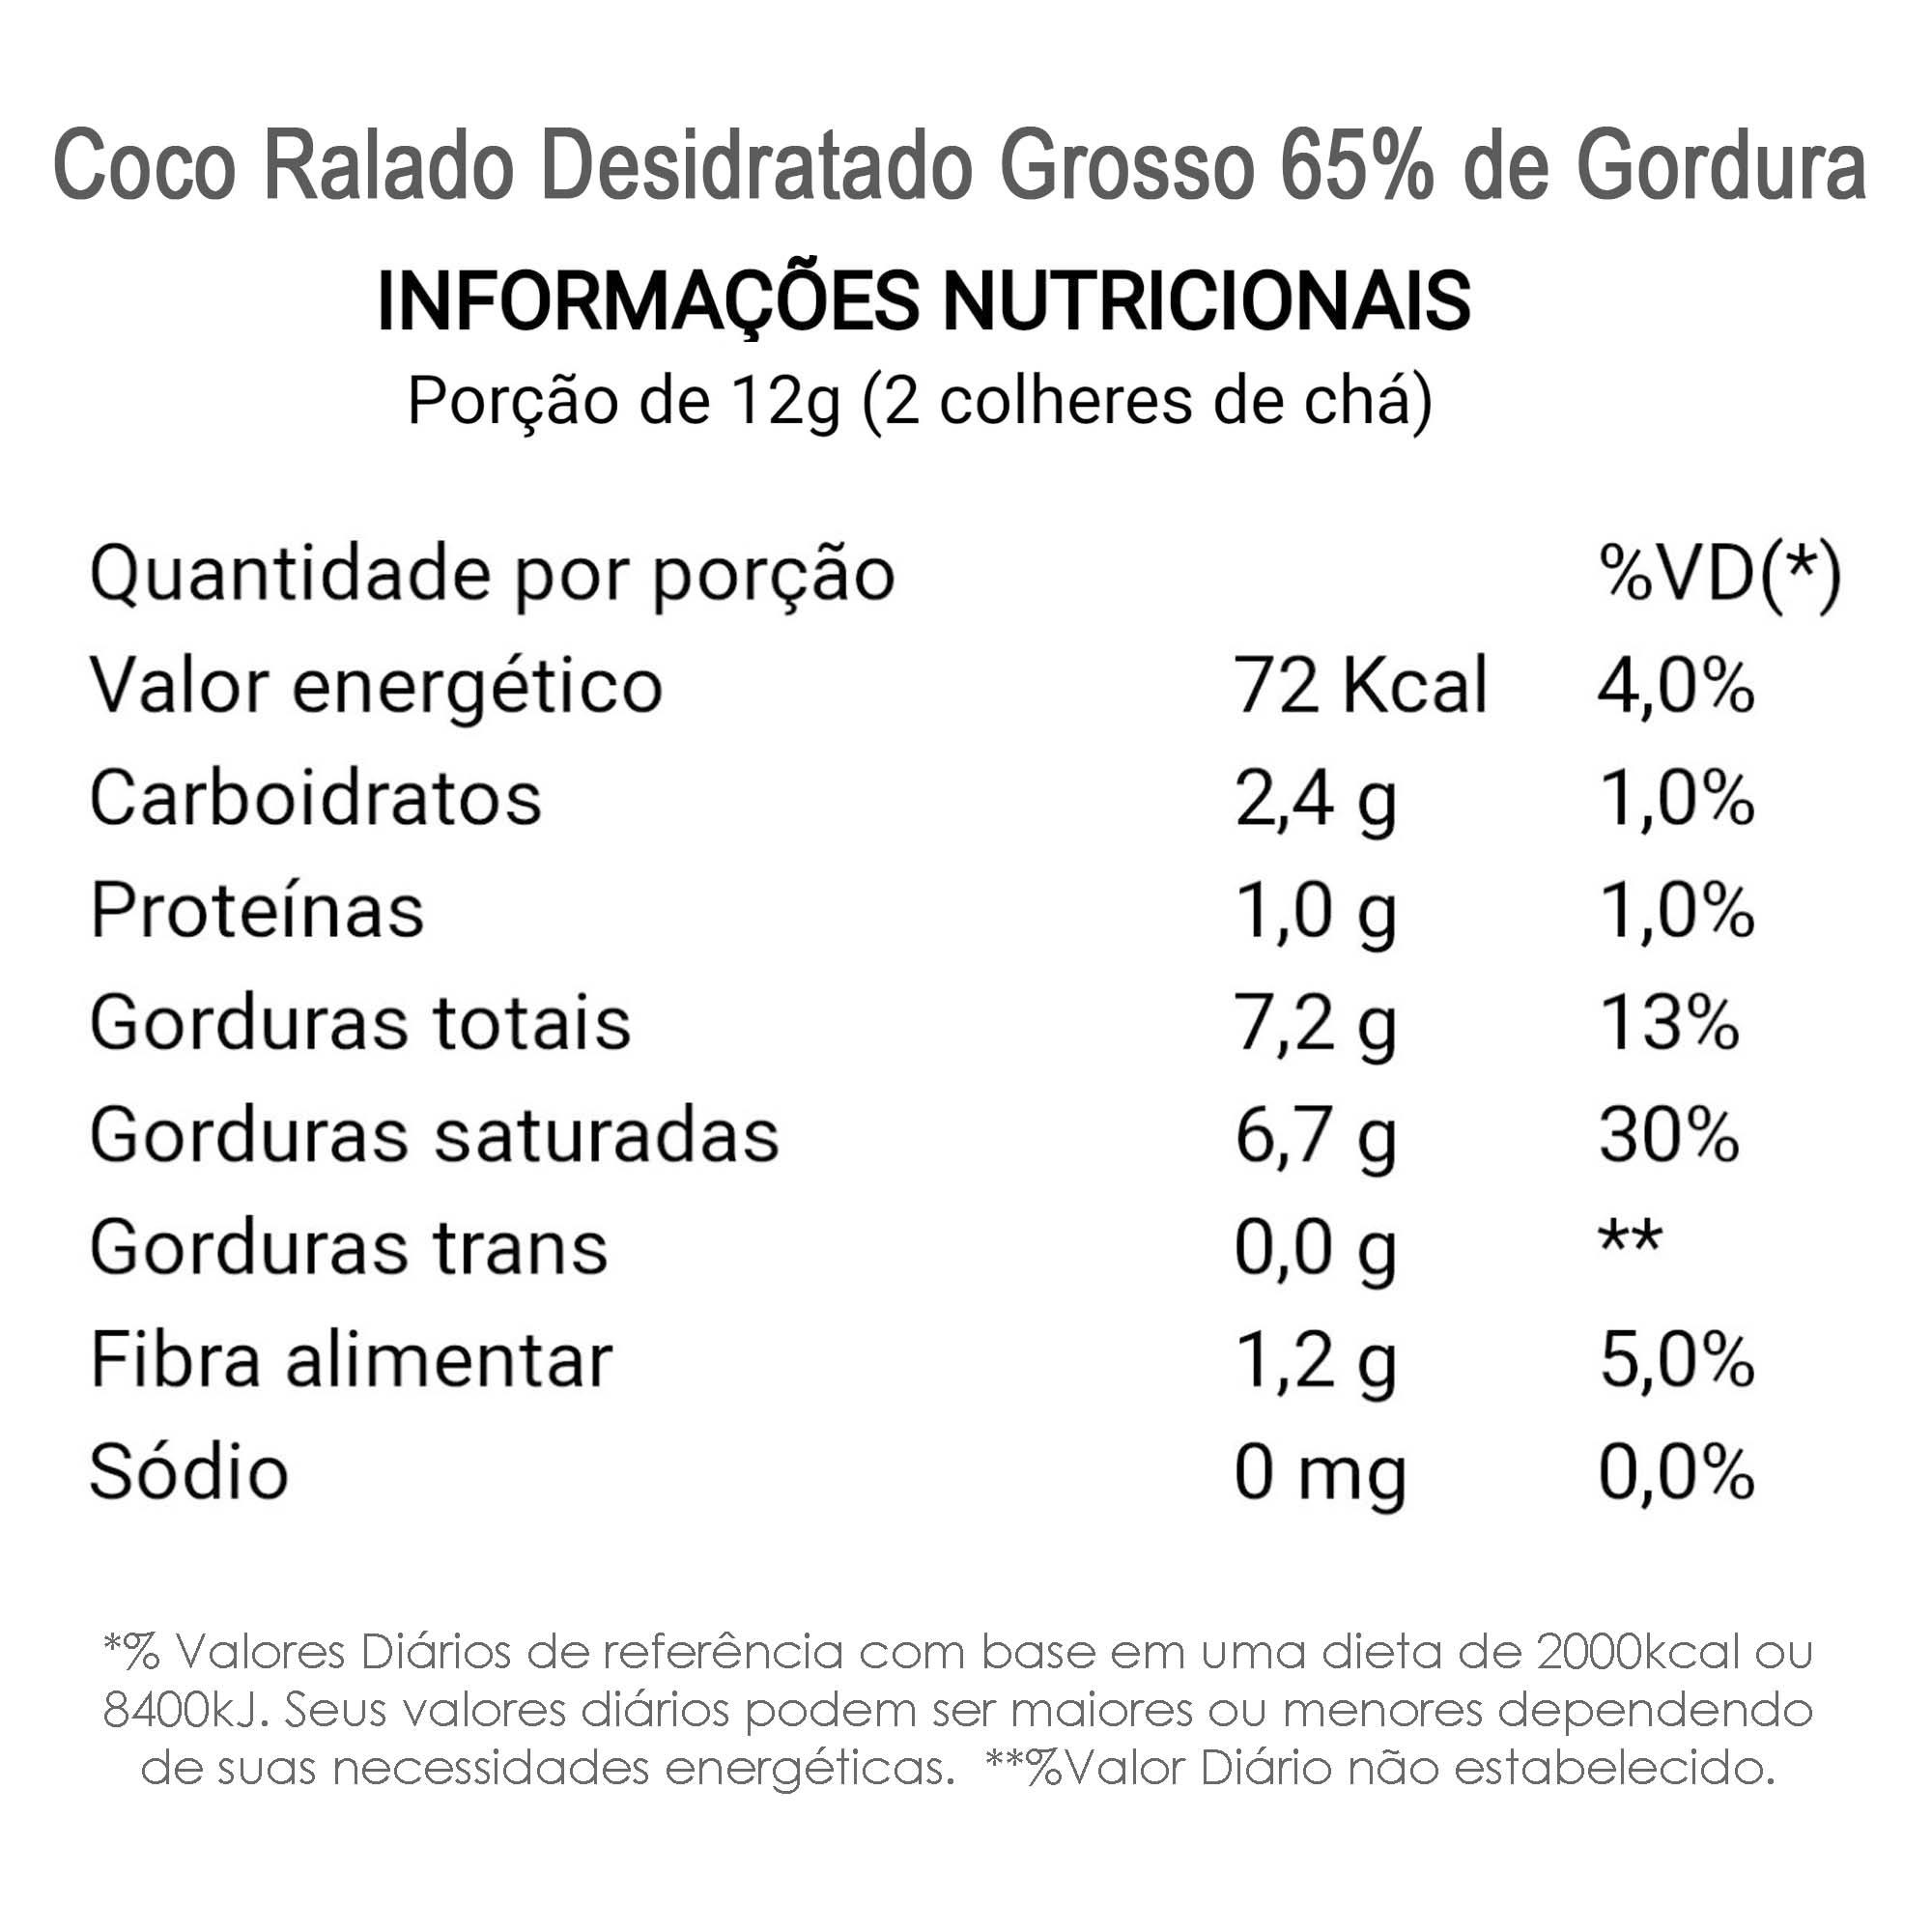 Coco Ralado Desidratado Grosso 65% Gordura (sem açucar)  - TLC Tudo Low Carb